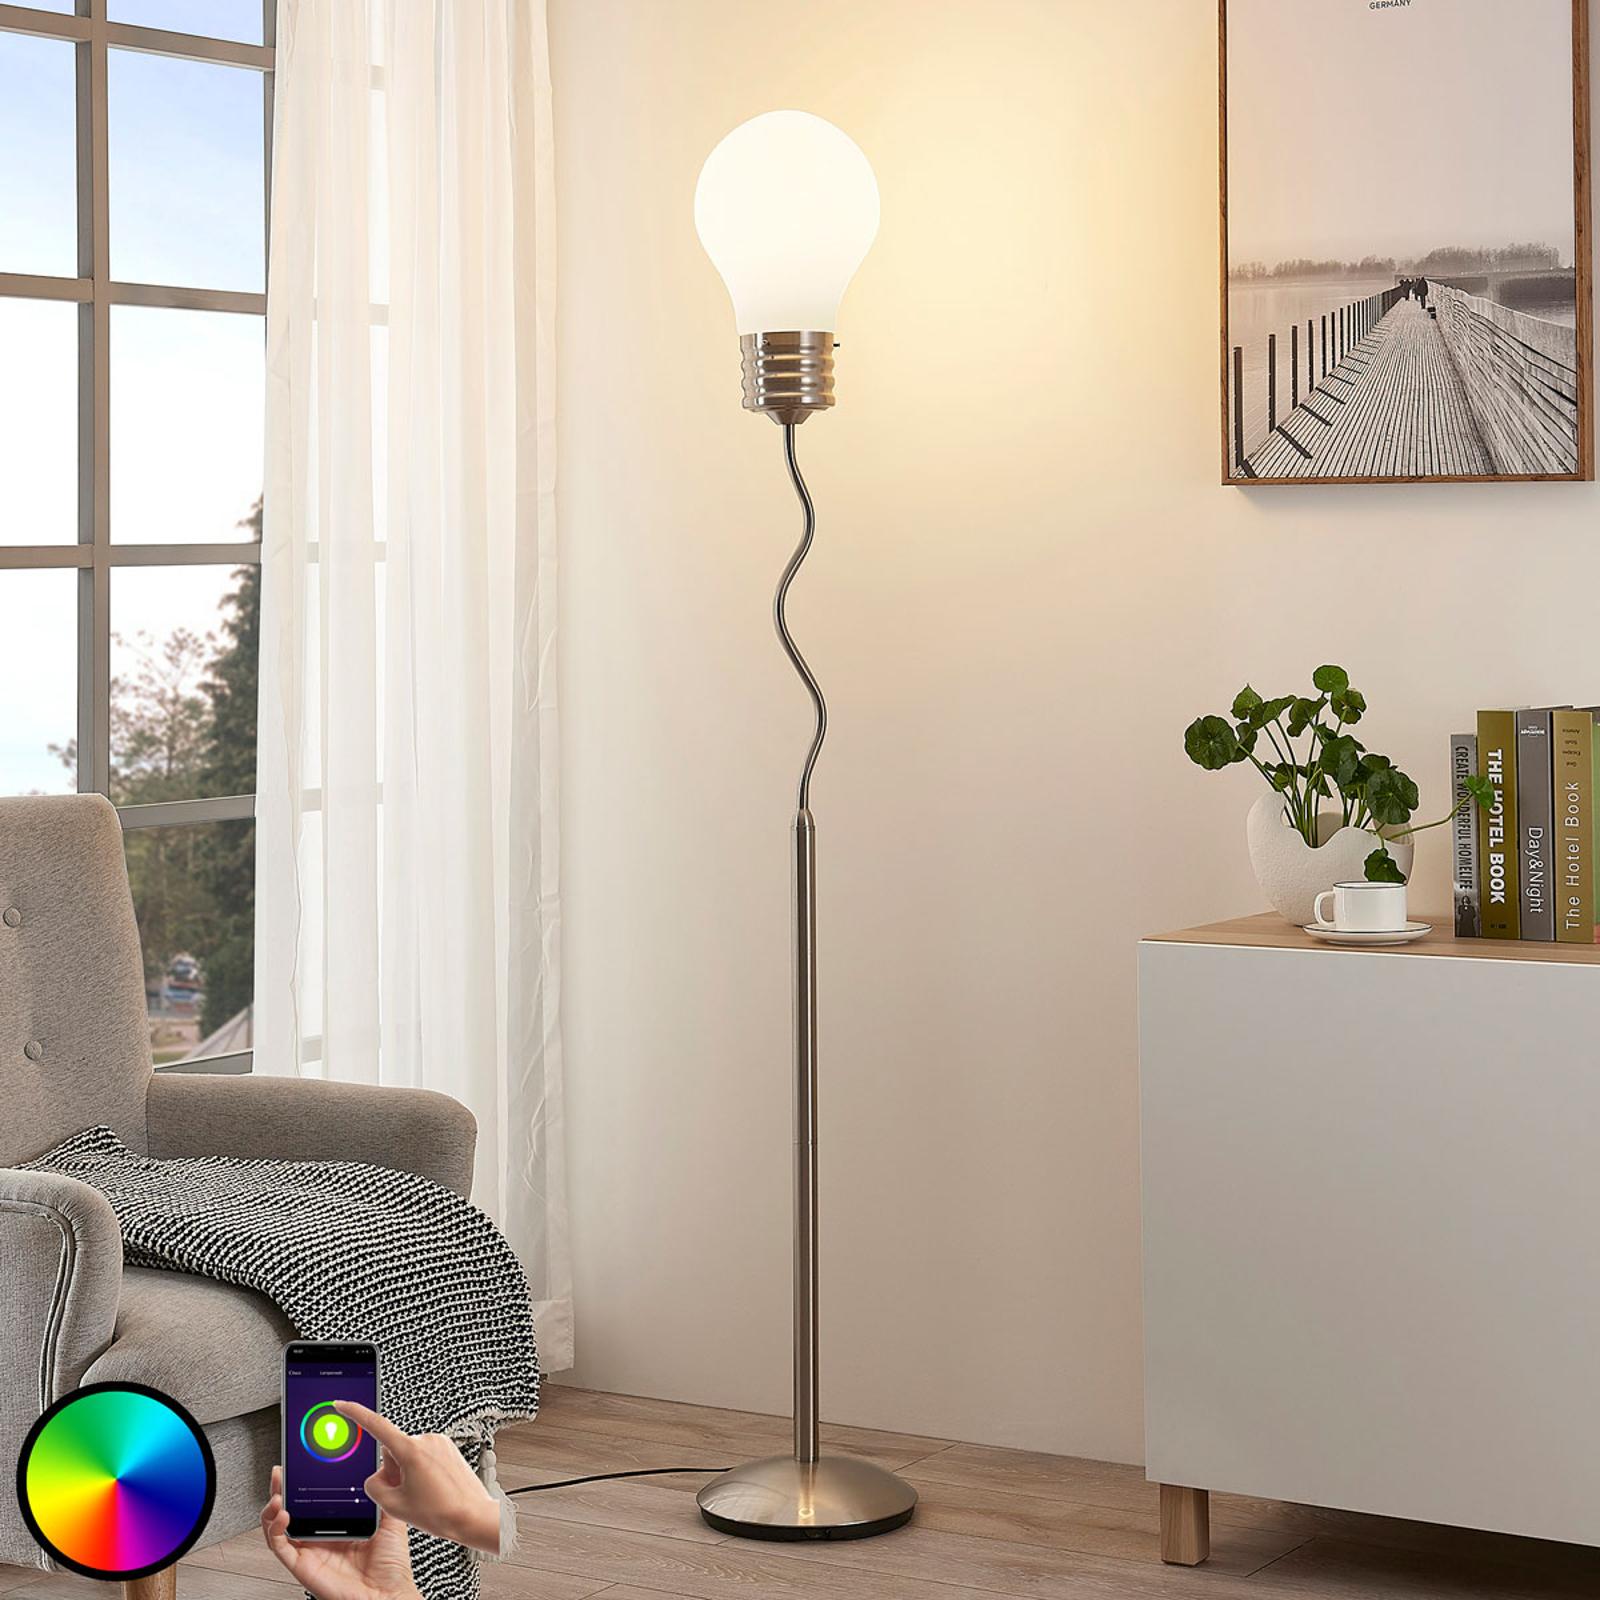 Lampada da pavimento Mena, RGB, comando via app